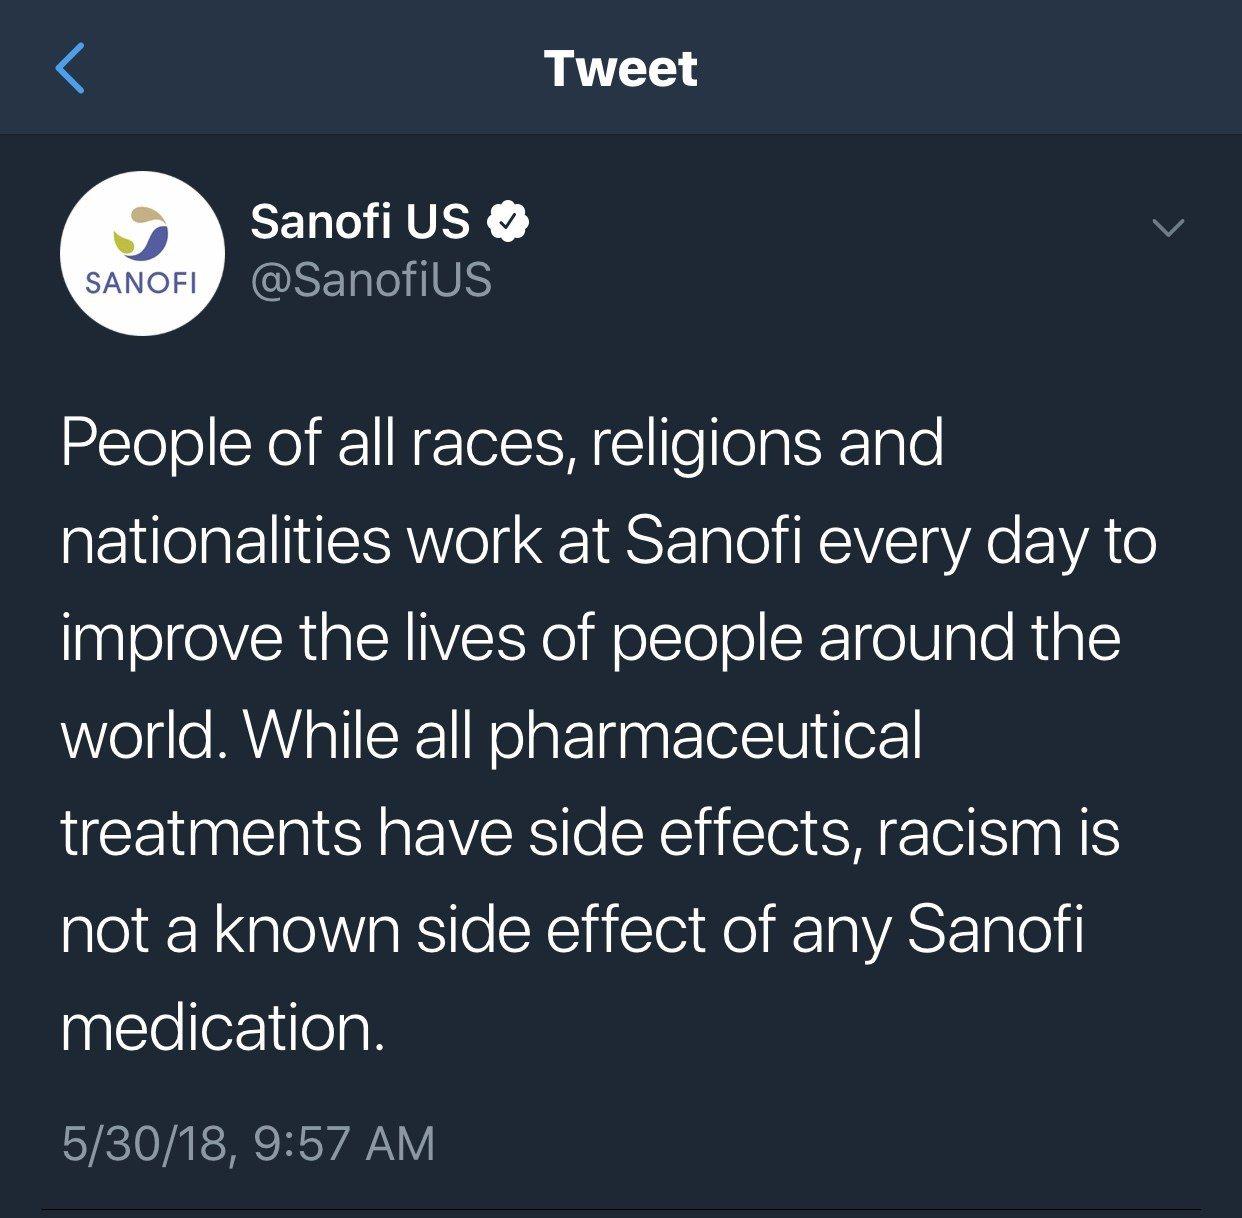 美國女星羅珊巴爾因涉種族歧視的言論,引發軒然大波,她在道歉聲明將失言怪罪於安眠藥...